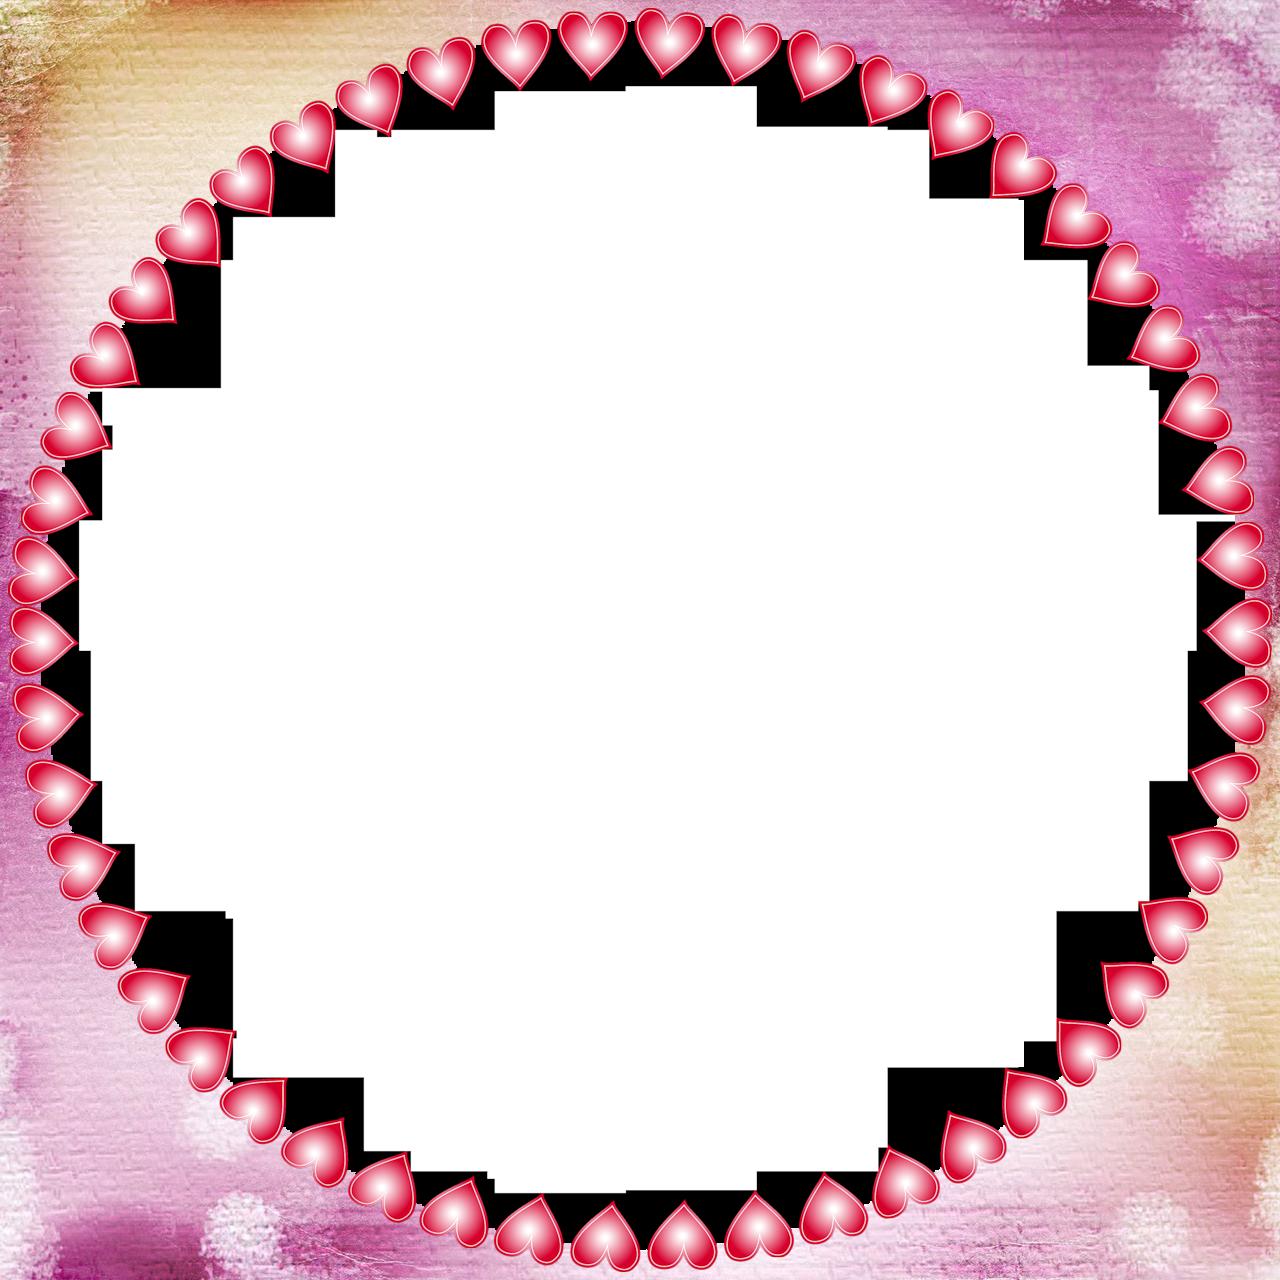 Как сделать рамку для круглой картинки в фотошопе